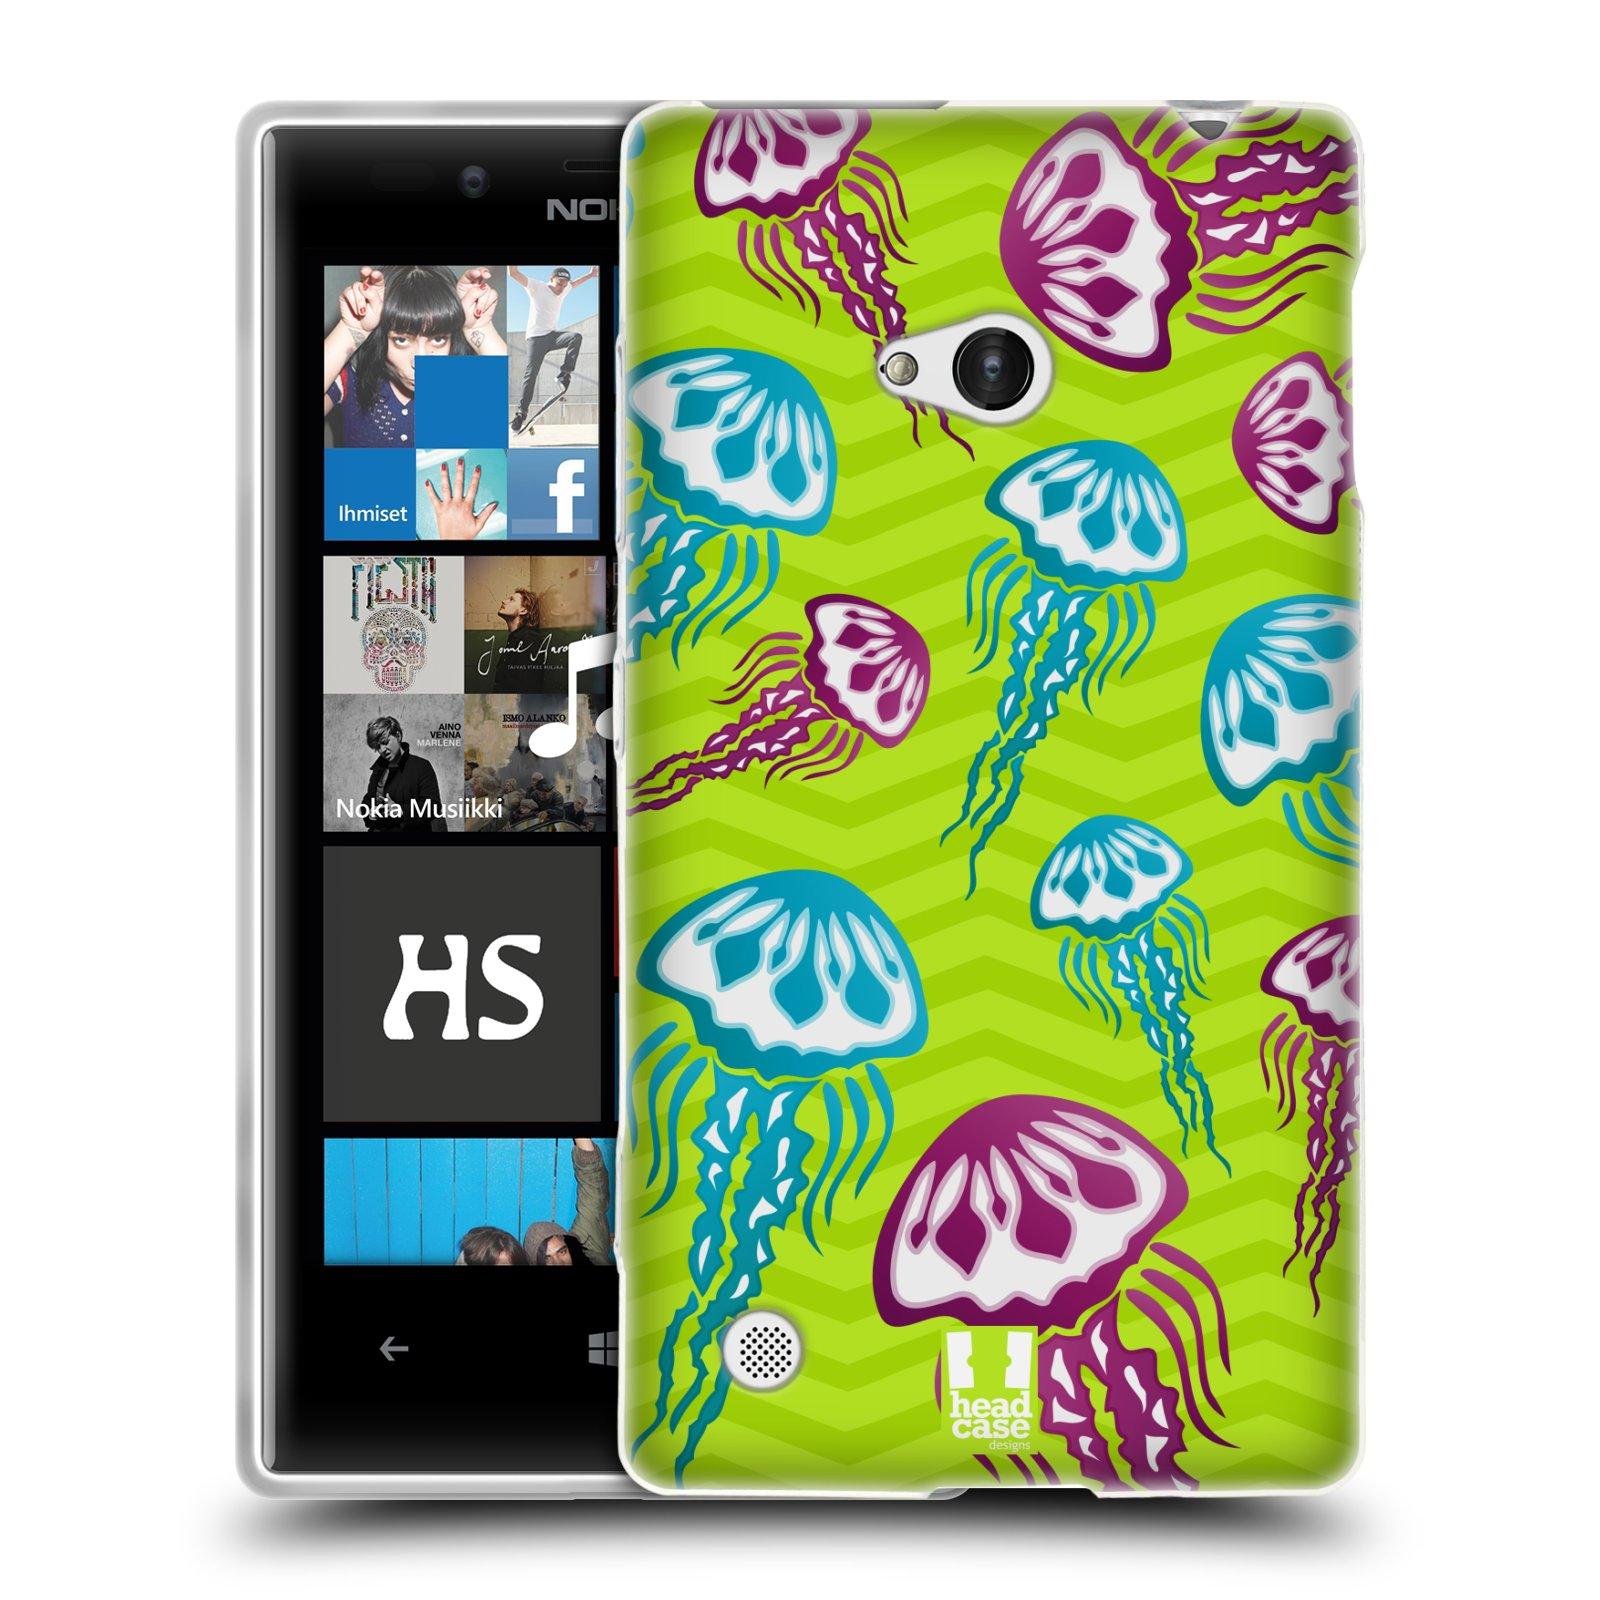 HEAD CASE silikonový obal na mobil NOKIA Lumia 720 vzor mořský živočich medůza